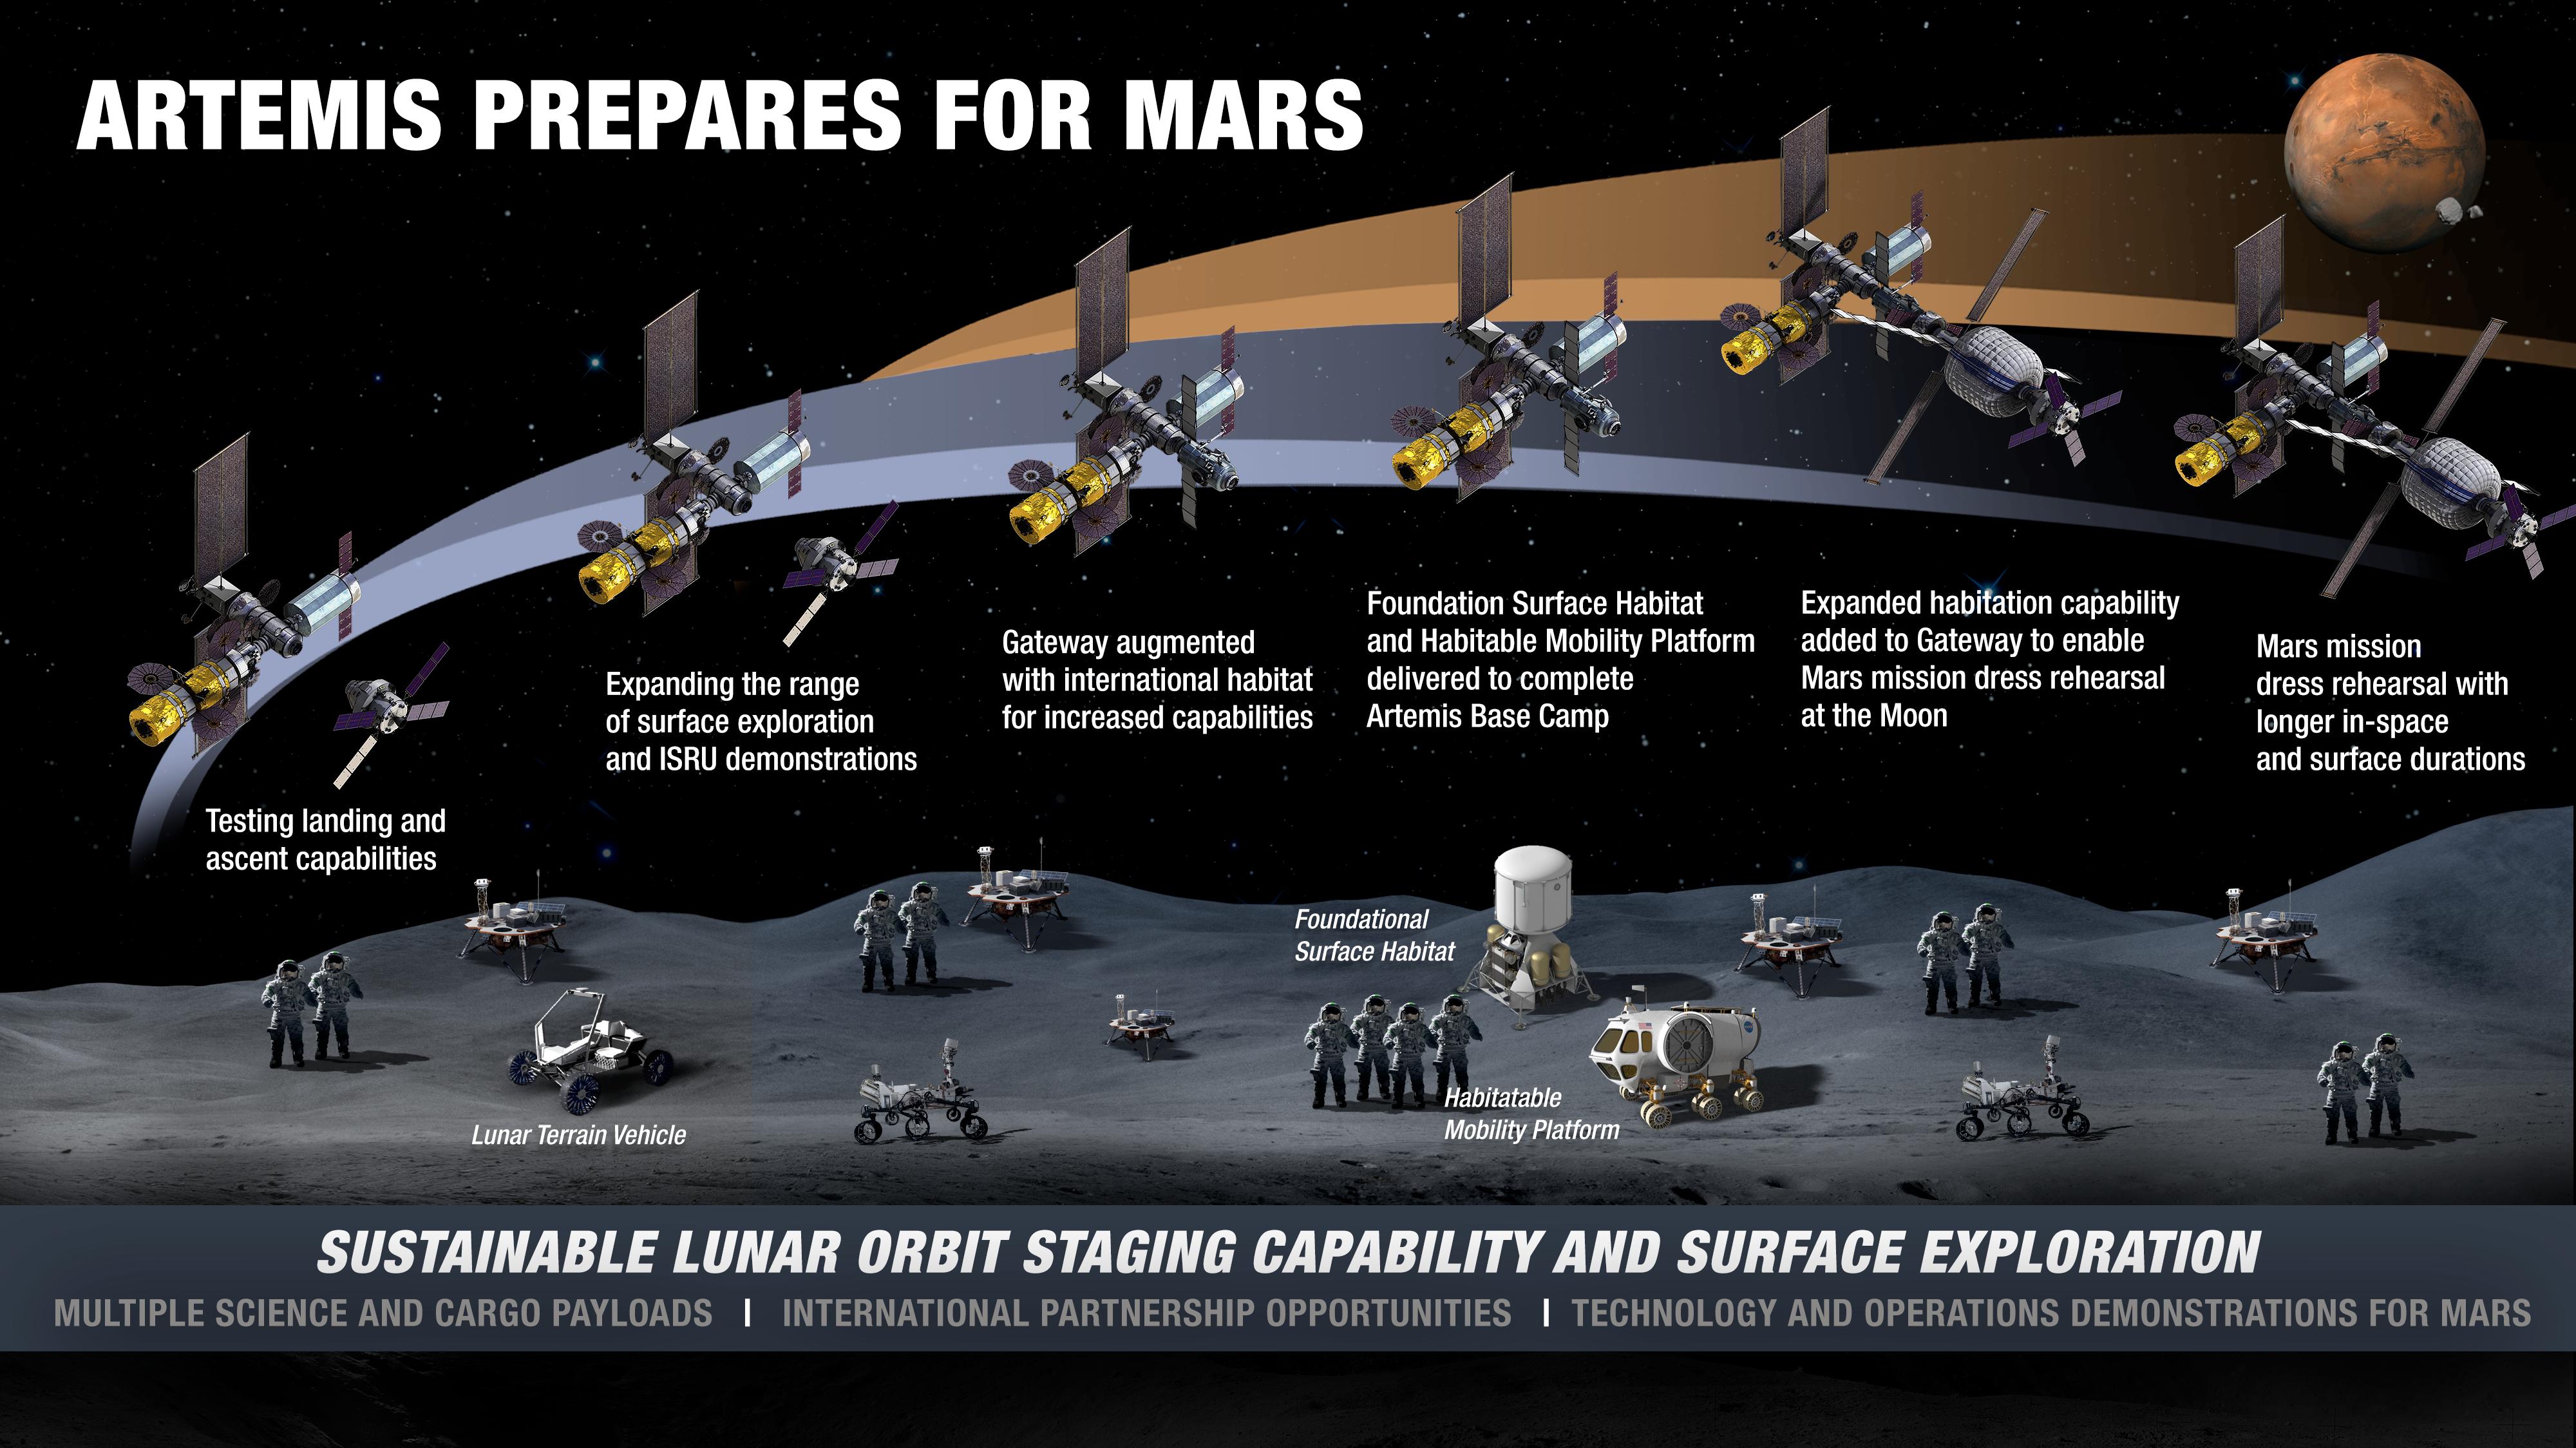 La NASA describe el concepto de sostenibilidad de la superficie lunar.